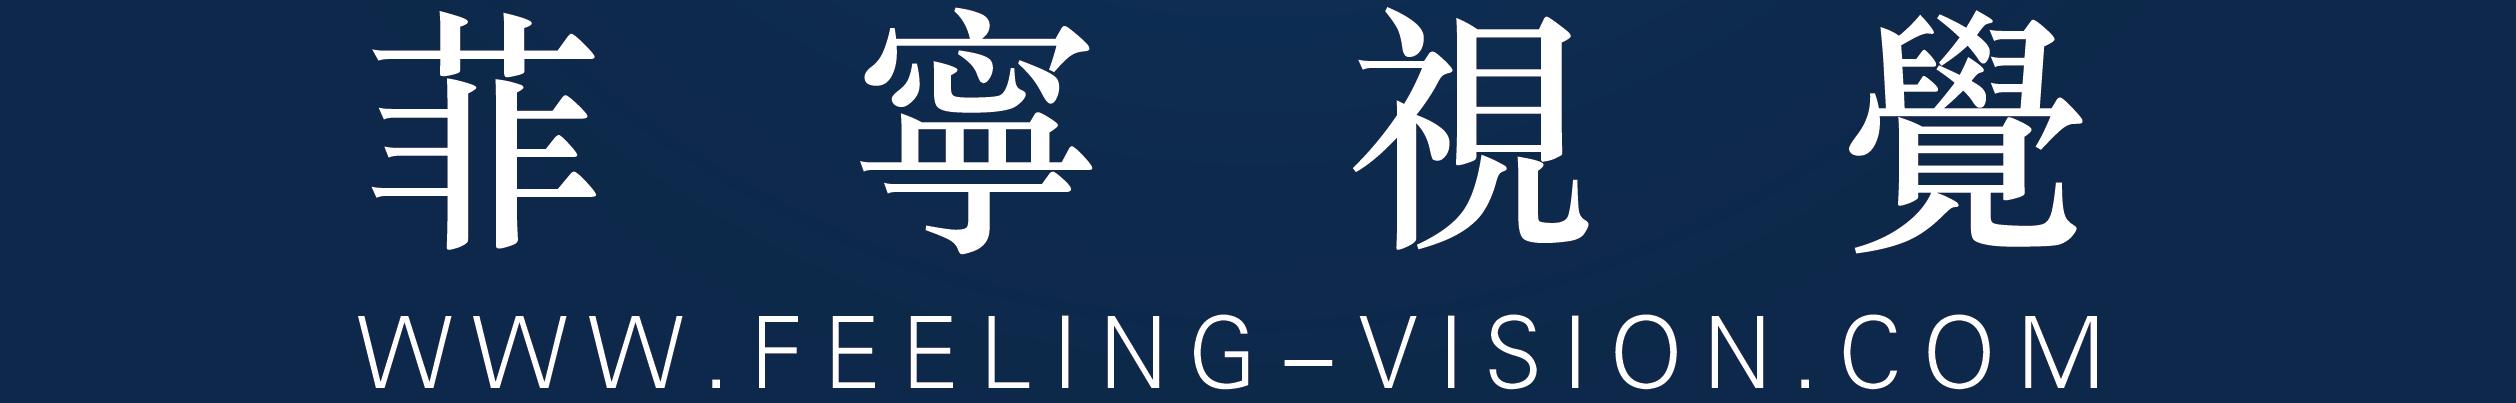 菲宁视觉 banner